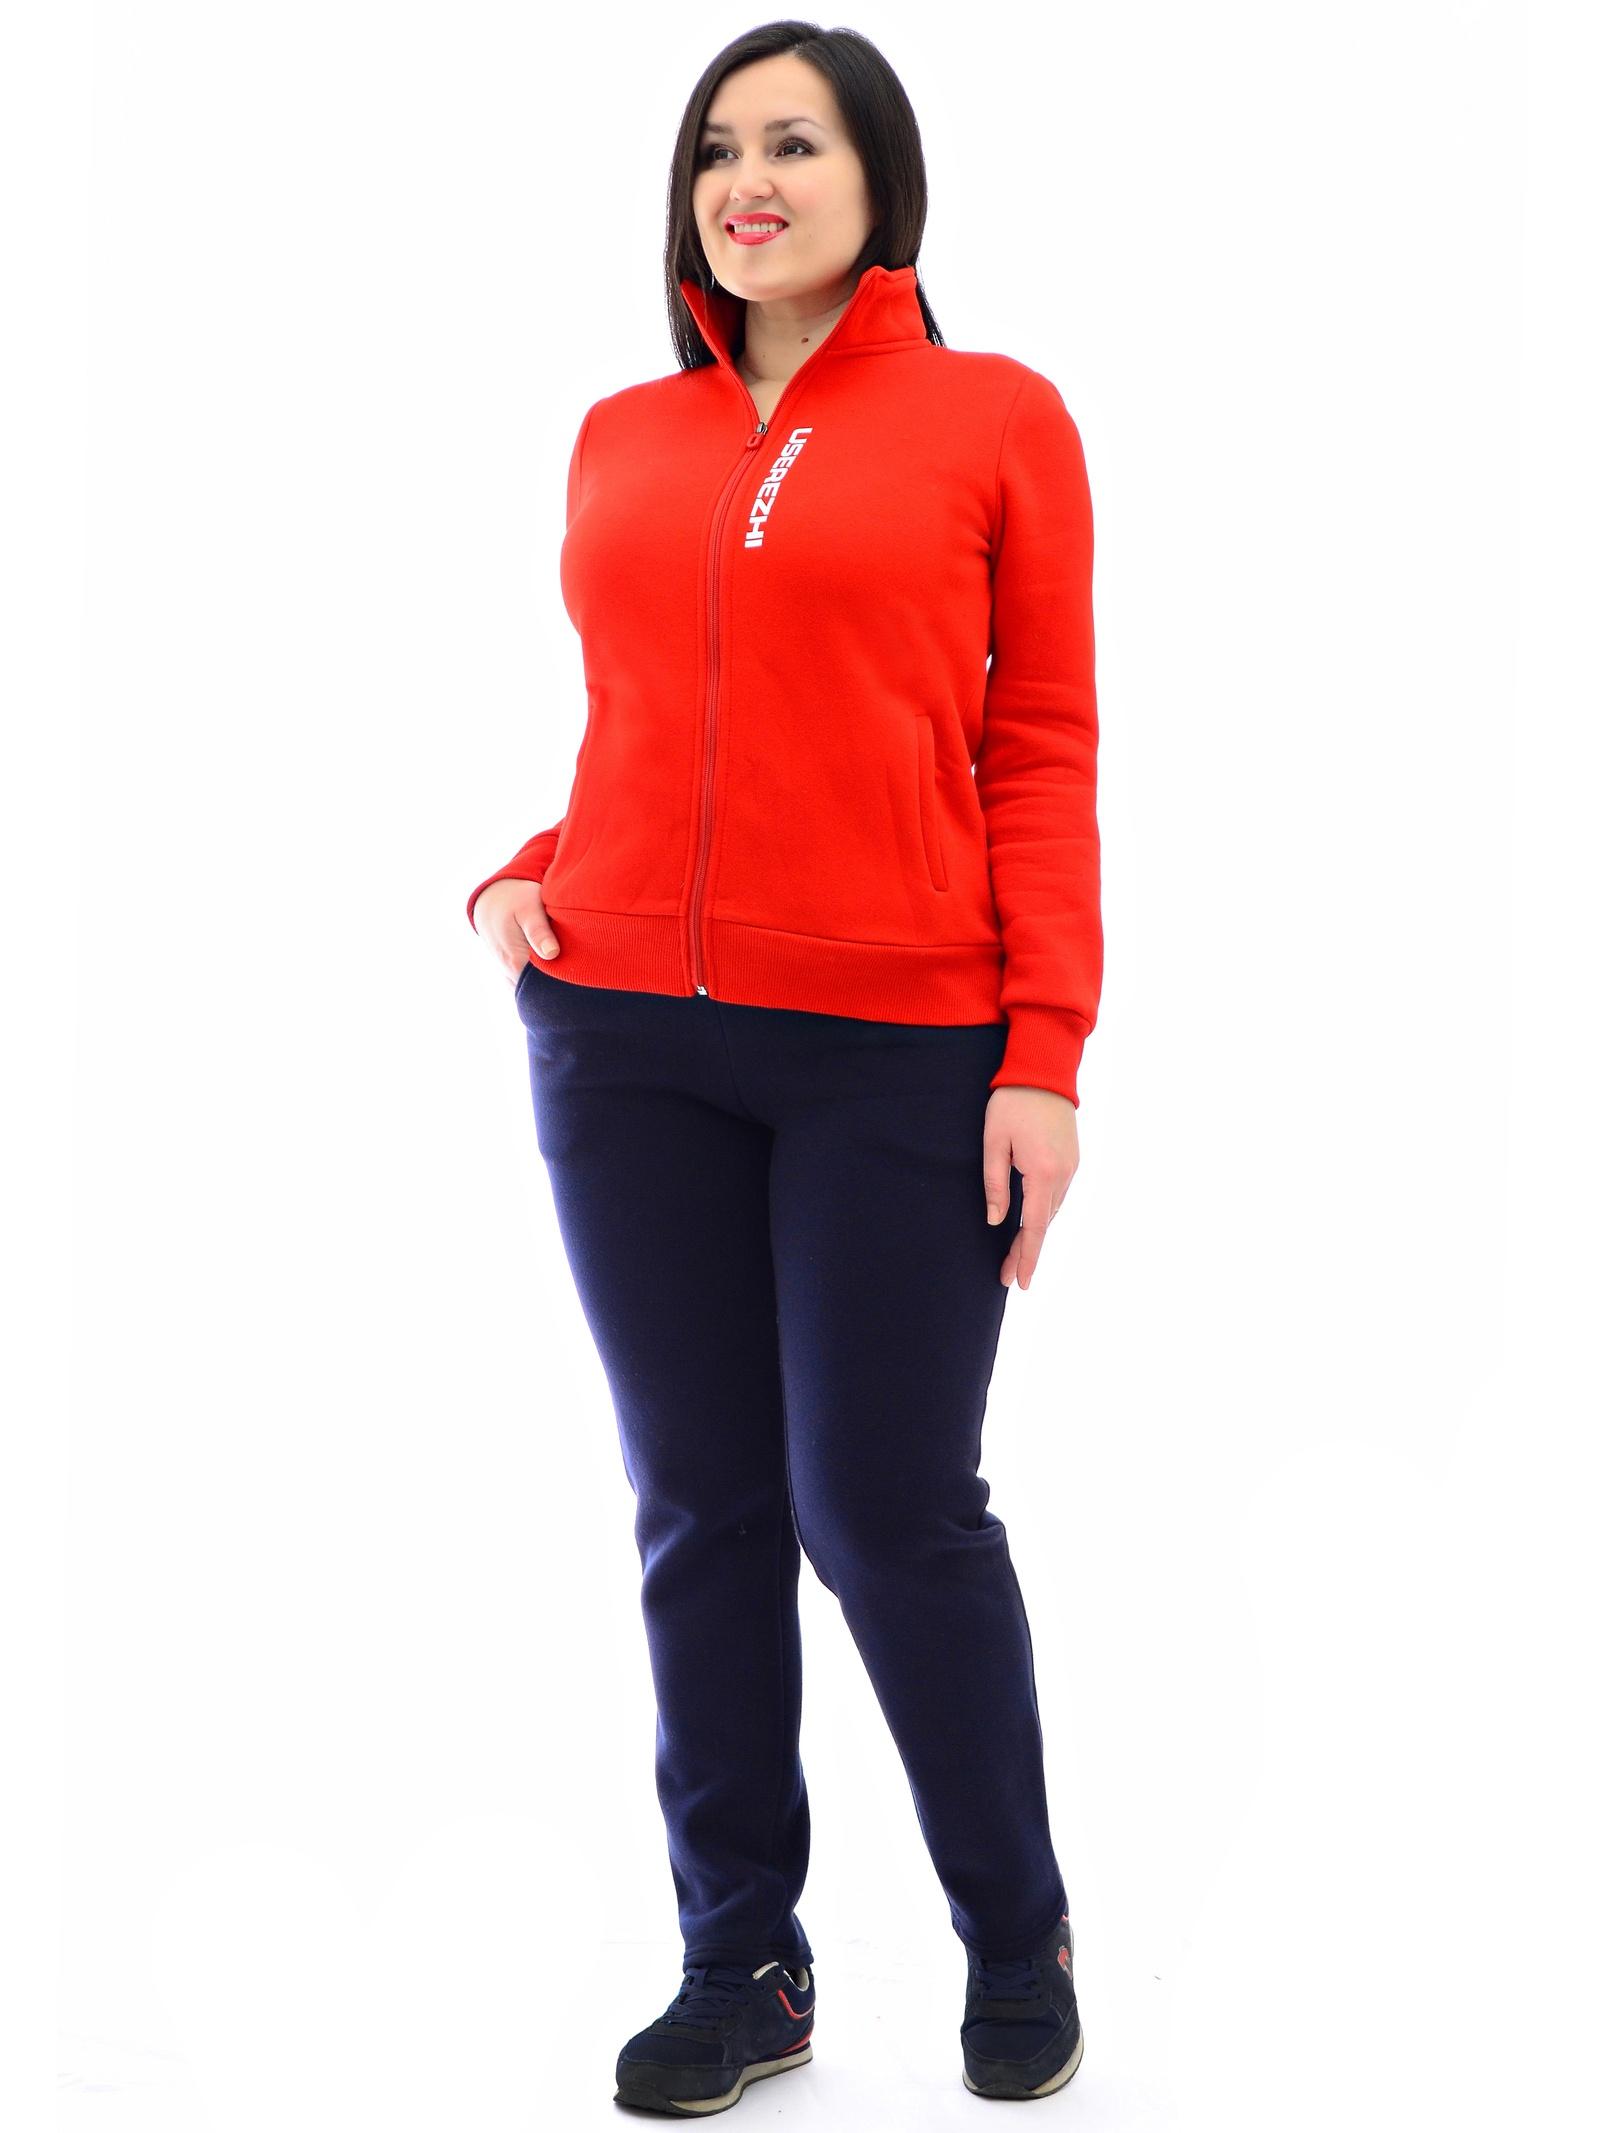 Спортивный костюм USEREZHI W580307-56, красный, темно-синий 56 размерW580307-54Удобный и практичный костюм от бренда USEREZHI создан из мягкого, качественного трикотажа с начесом. Костюм подходит под любой тип фигуры благодаря строгому крою и слегка зауженным штанинам без манжет. В нашей одежде вы себя будете чувствовать комфортно и данный костюм станет одной из любимых вещей в вашем гардеробе. Рост модели на фото - 172 см., размер на модели 52.· Материалы: Ткань: Хлопок не менее 80%. Ткань трикотаж с начесом, приятный телу и при этом в меру эластичный. Изображение - логотип шелкография.· Особенности верха: цвет красный, эластичный манжет рукава, кофта с воротником, застегивается на замок. Изображение - шелкография логотип.· Особенности брюк: цвет синий, эластичная резинка по талии брюк и шнурок, изображение: шелкография логотип.